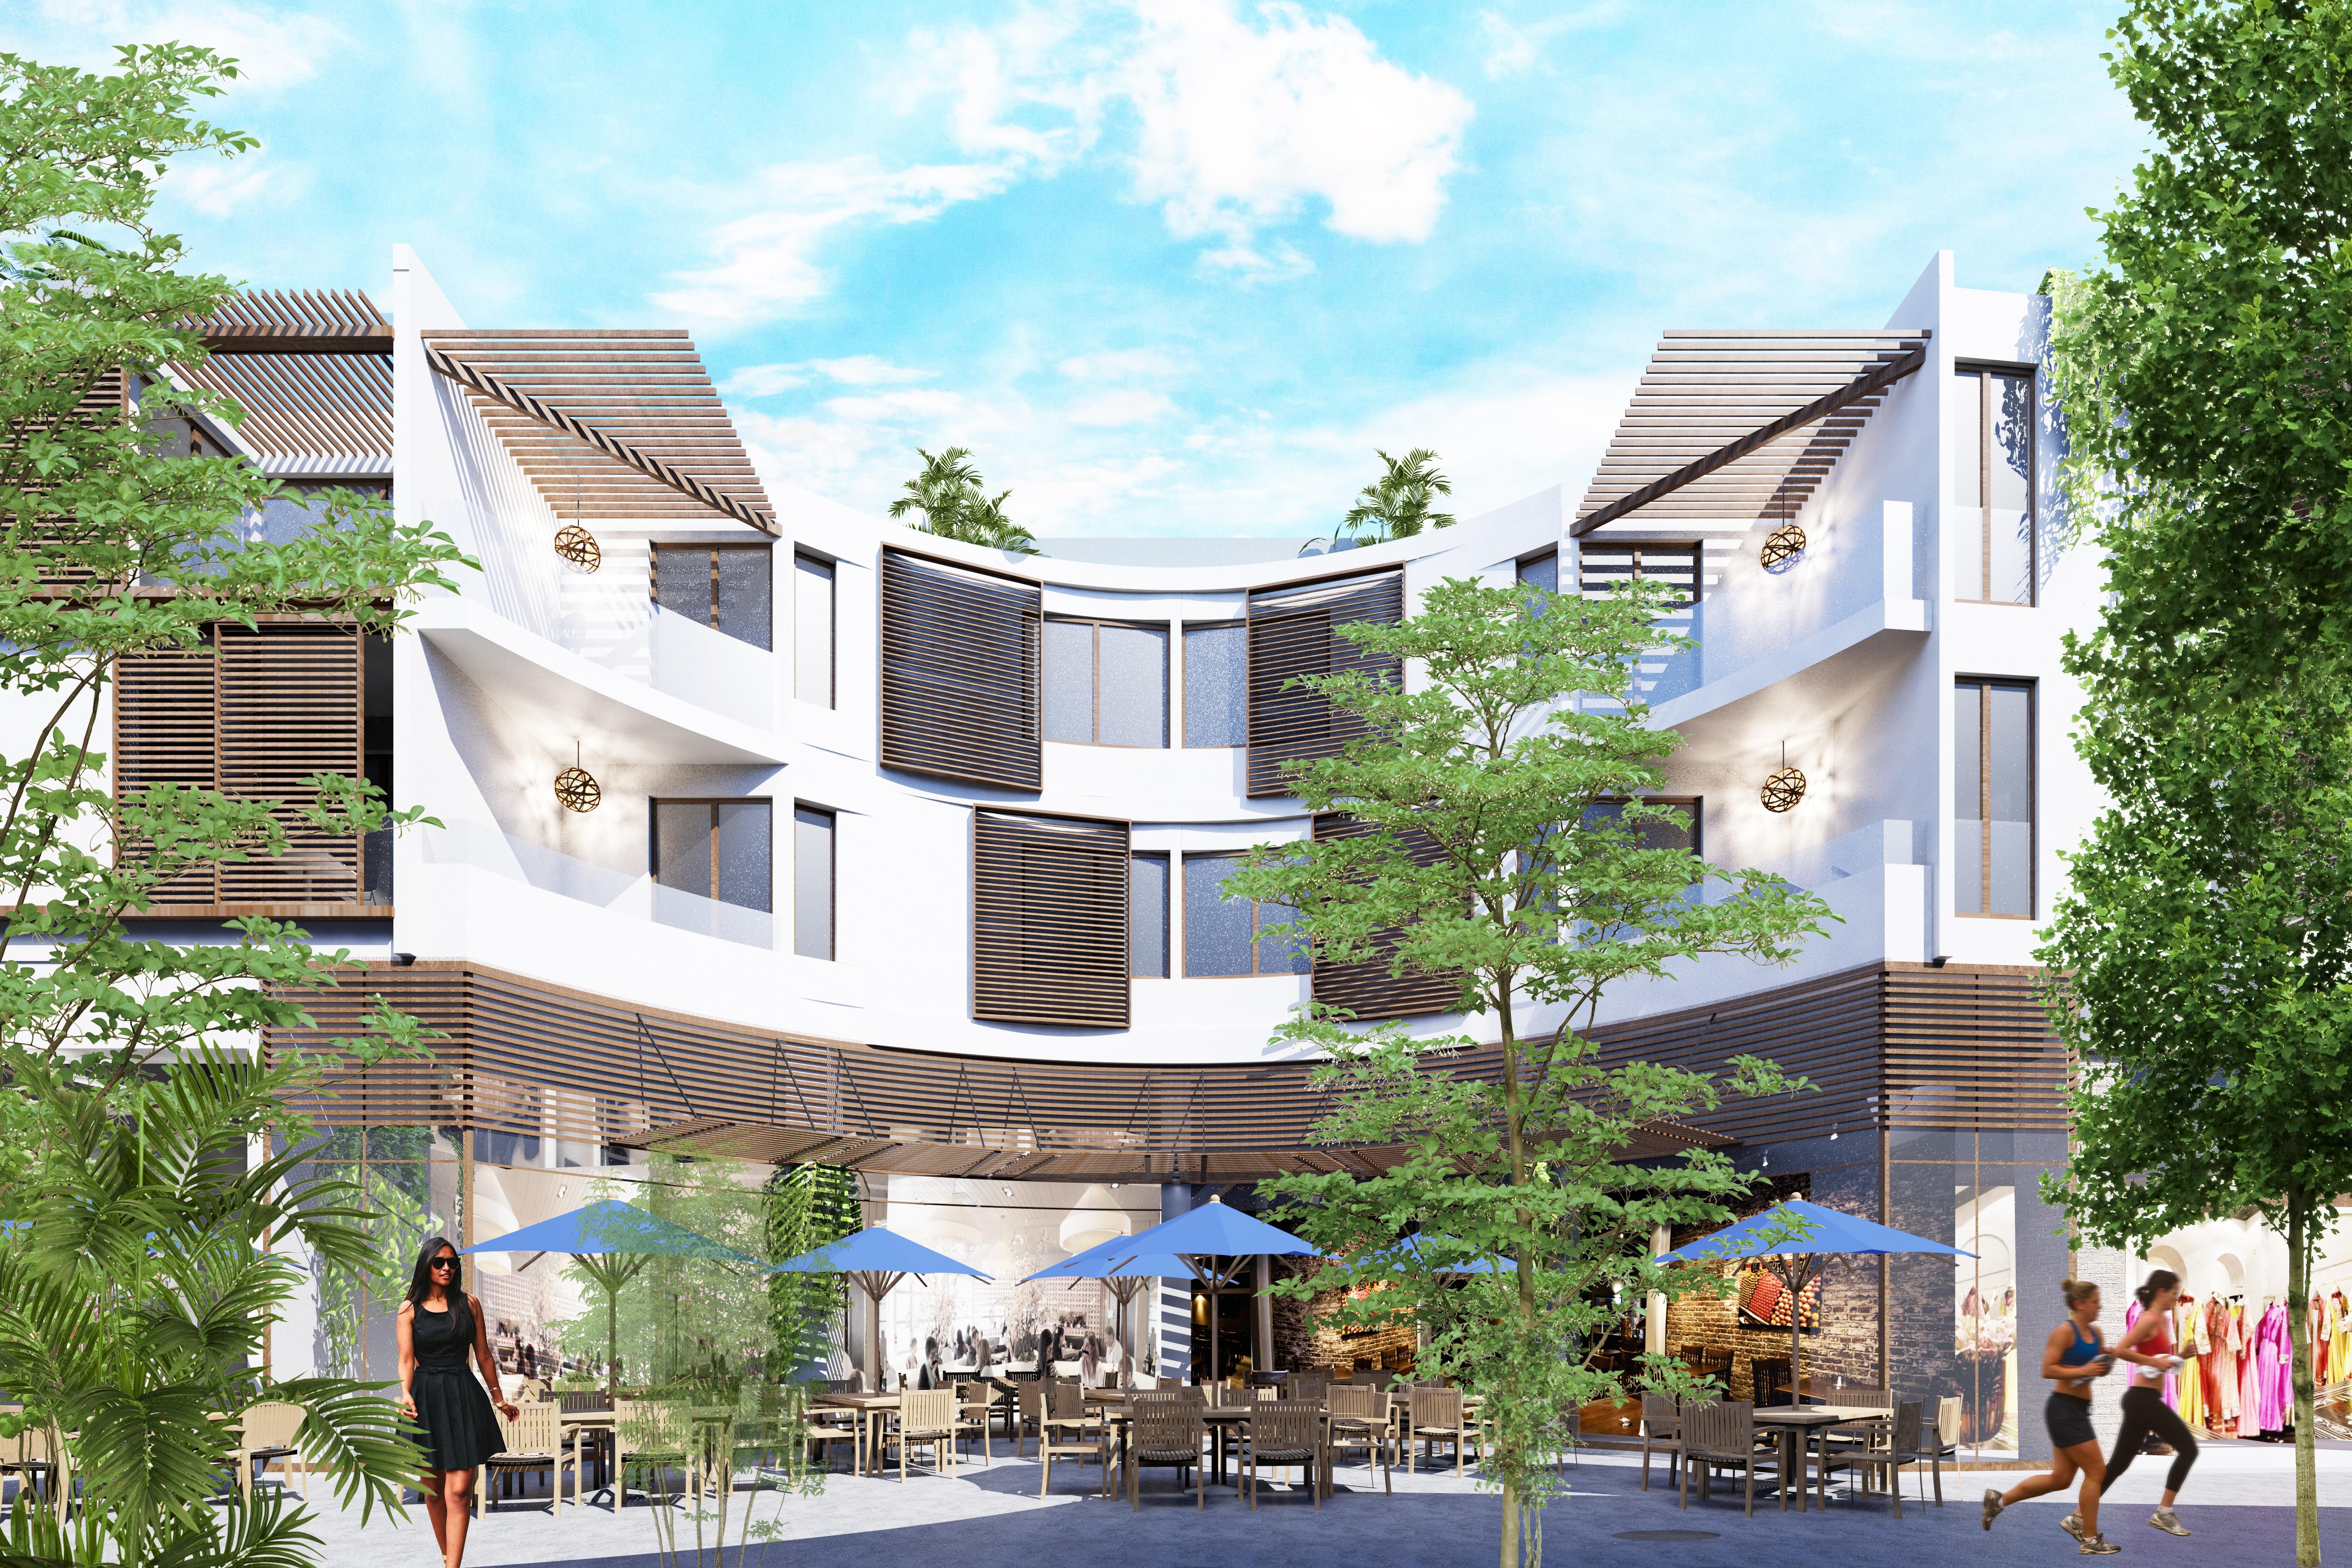 Plaza Quinto Sol Tulum - centro